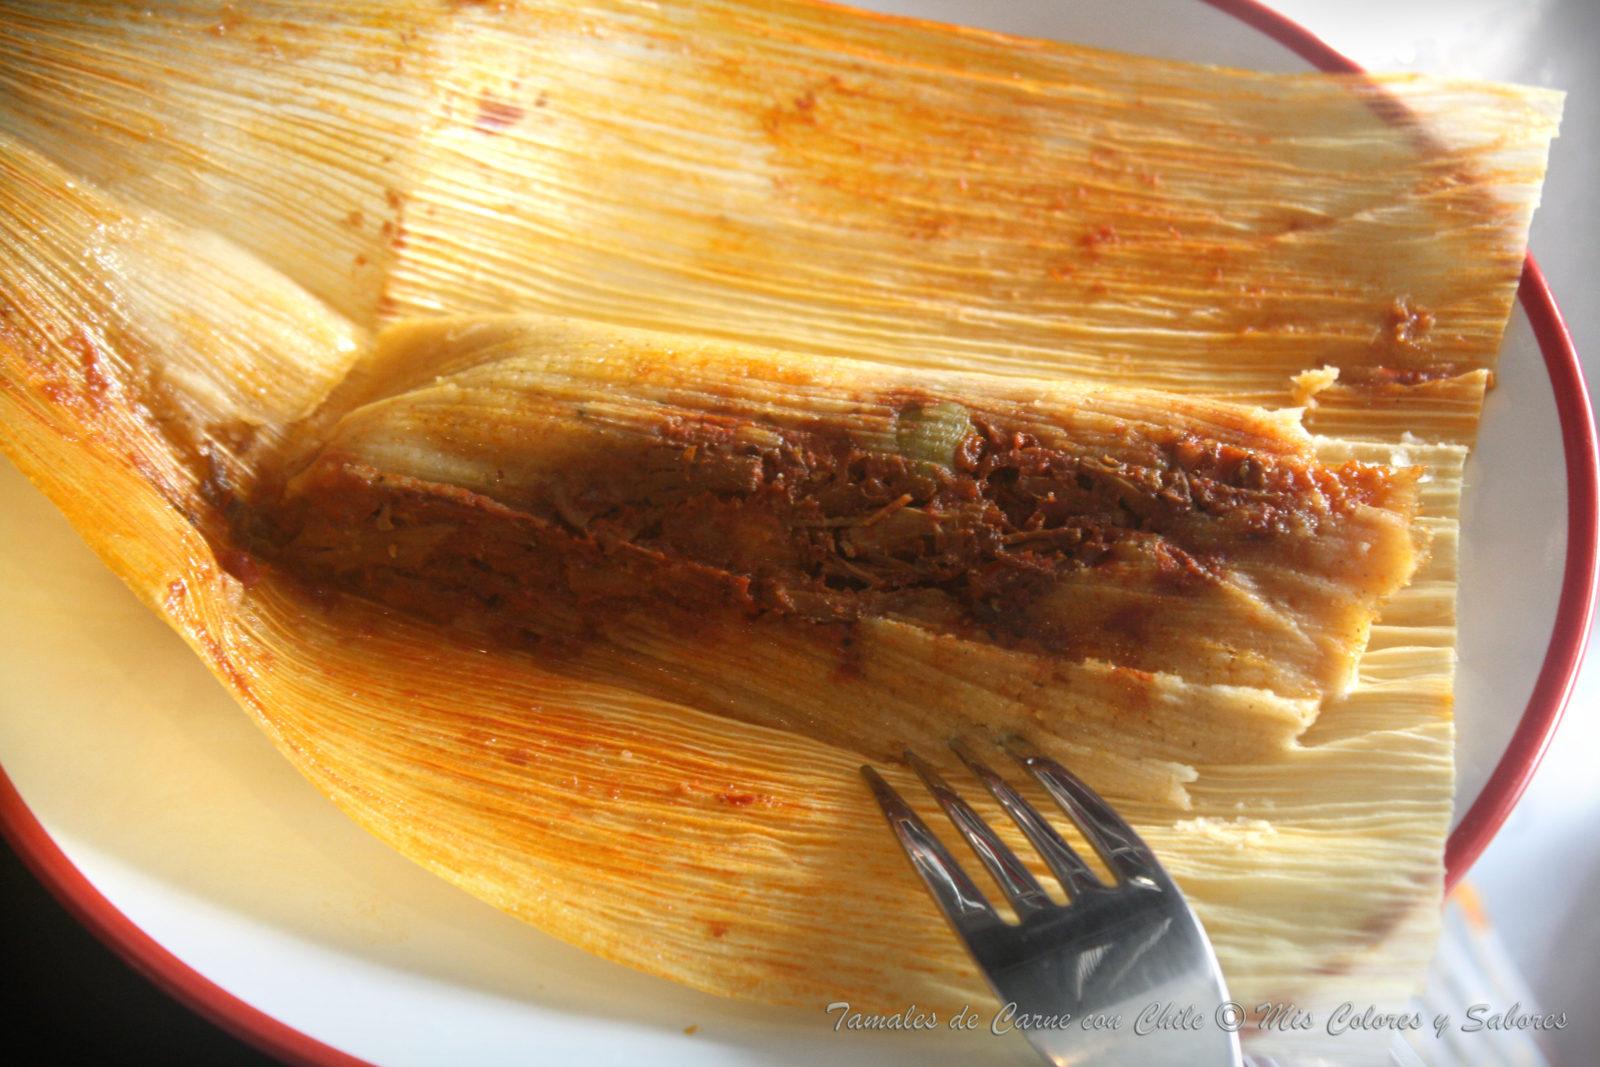 Tamales de Carne con Chile